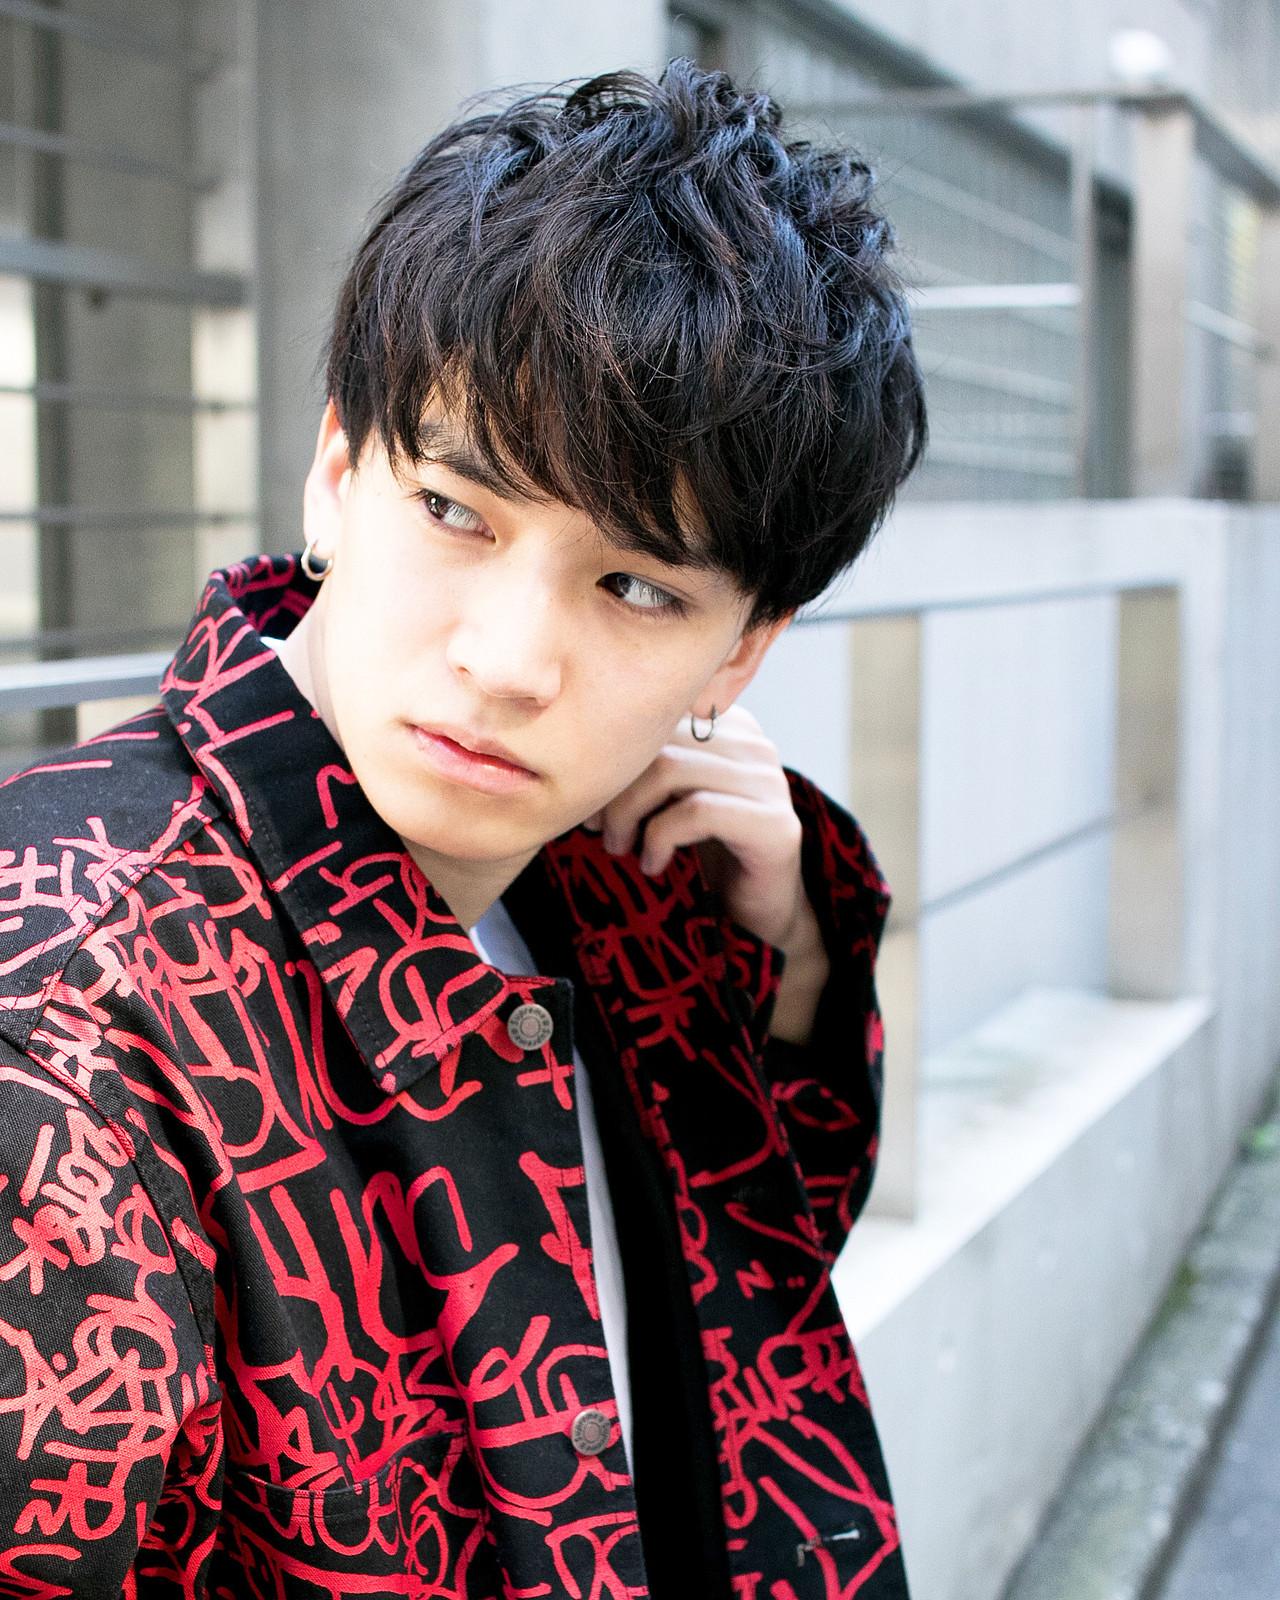 メンズショート メンズカット メンズ メンズヘア ヘアスタイルや髪型の写真・画像 | 力石サトシ HOMIE Tokyo /   HOMIE TOKYO